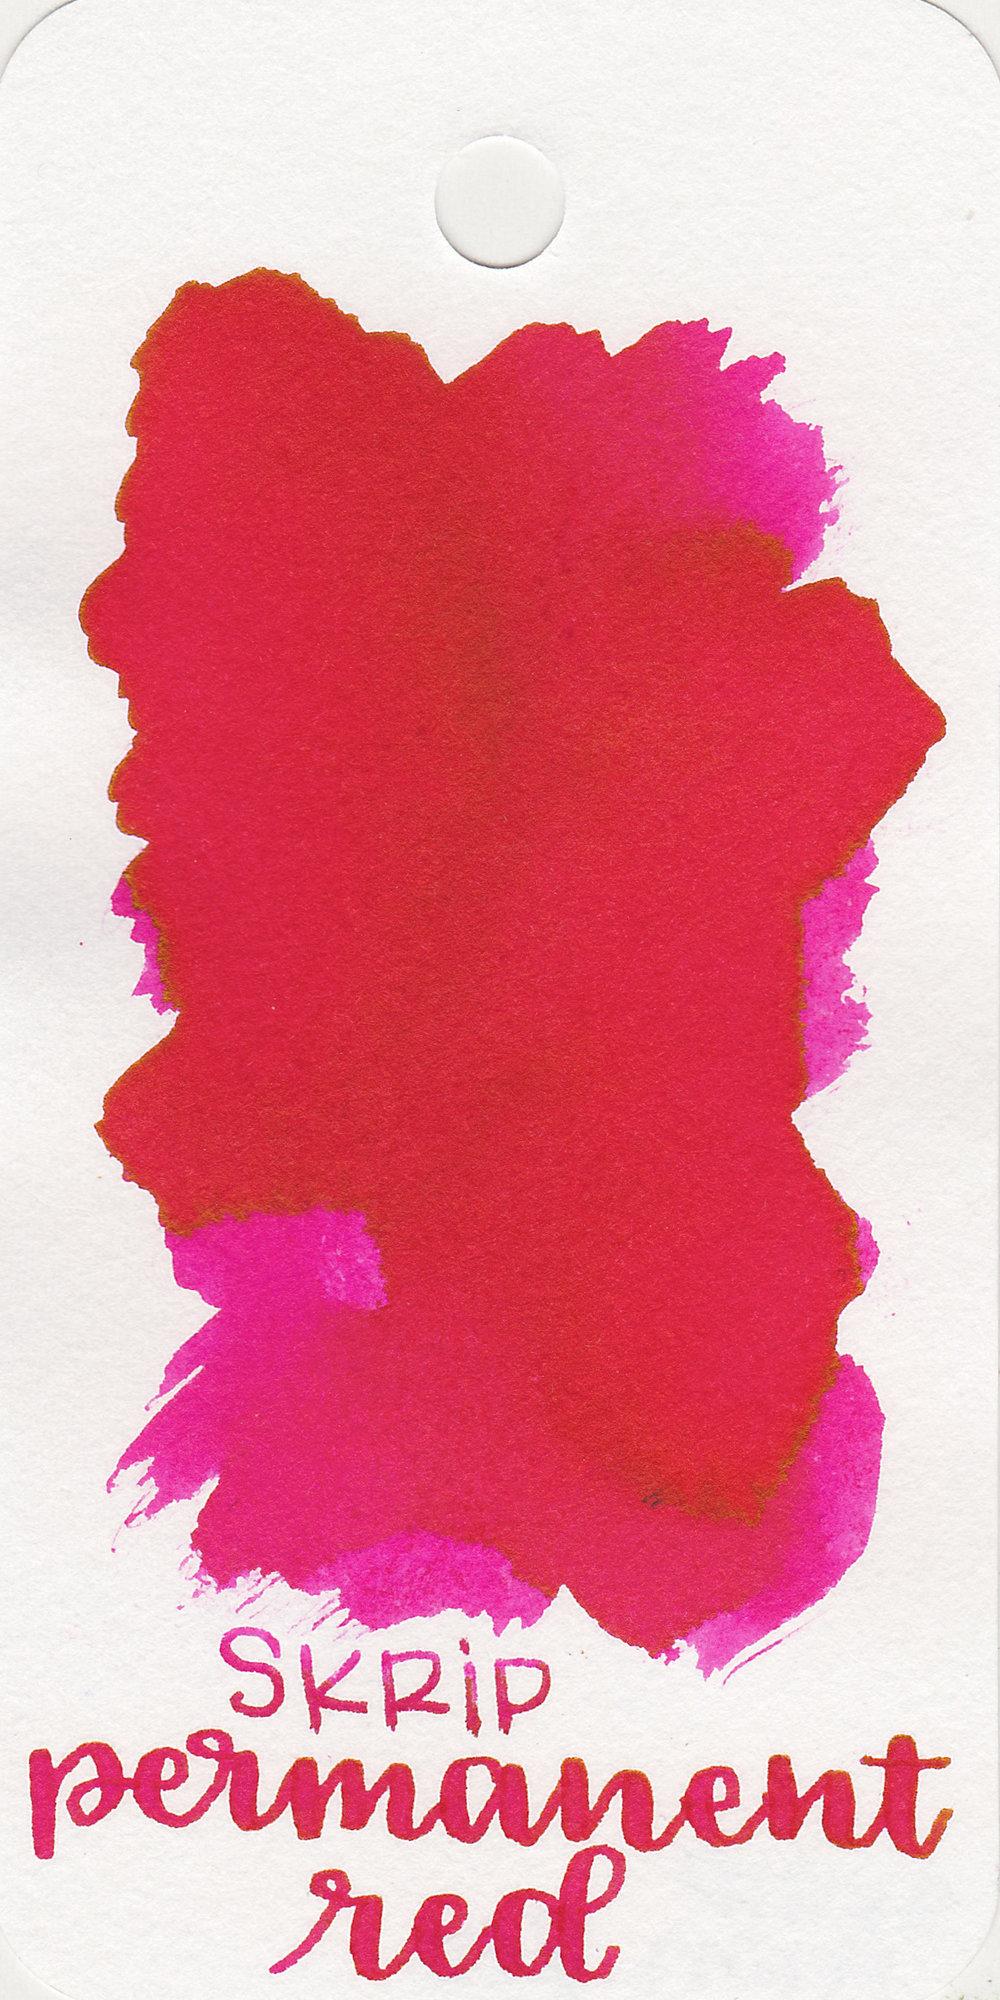 skr-permanent-red-1.jpg